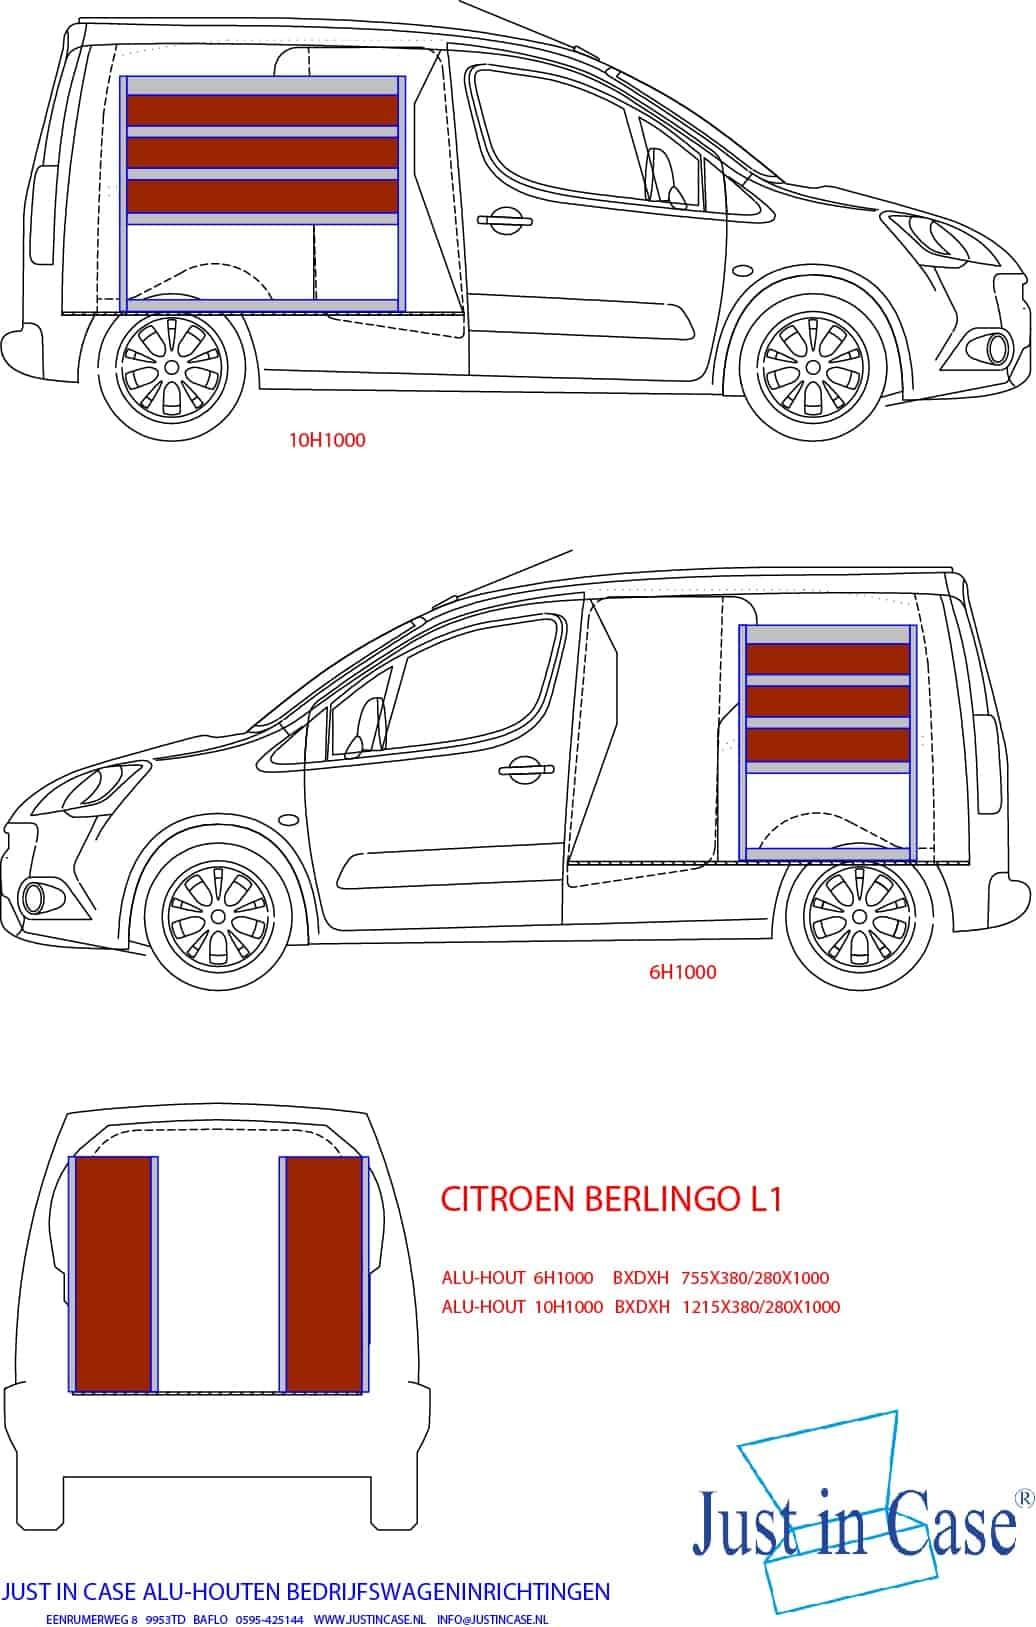 Citroën Berlingo Alu-houten inrichting voor bedrijfswagen